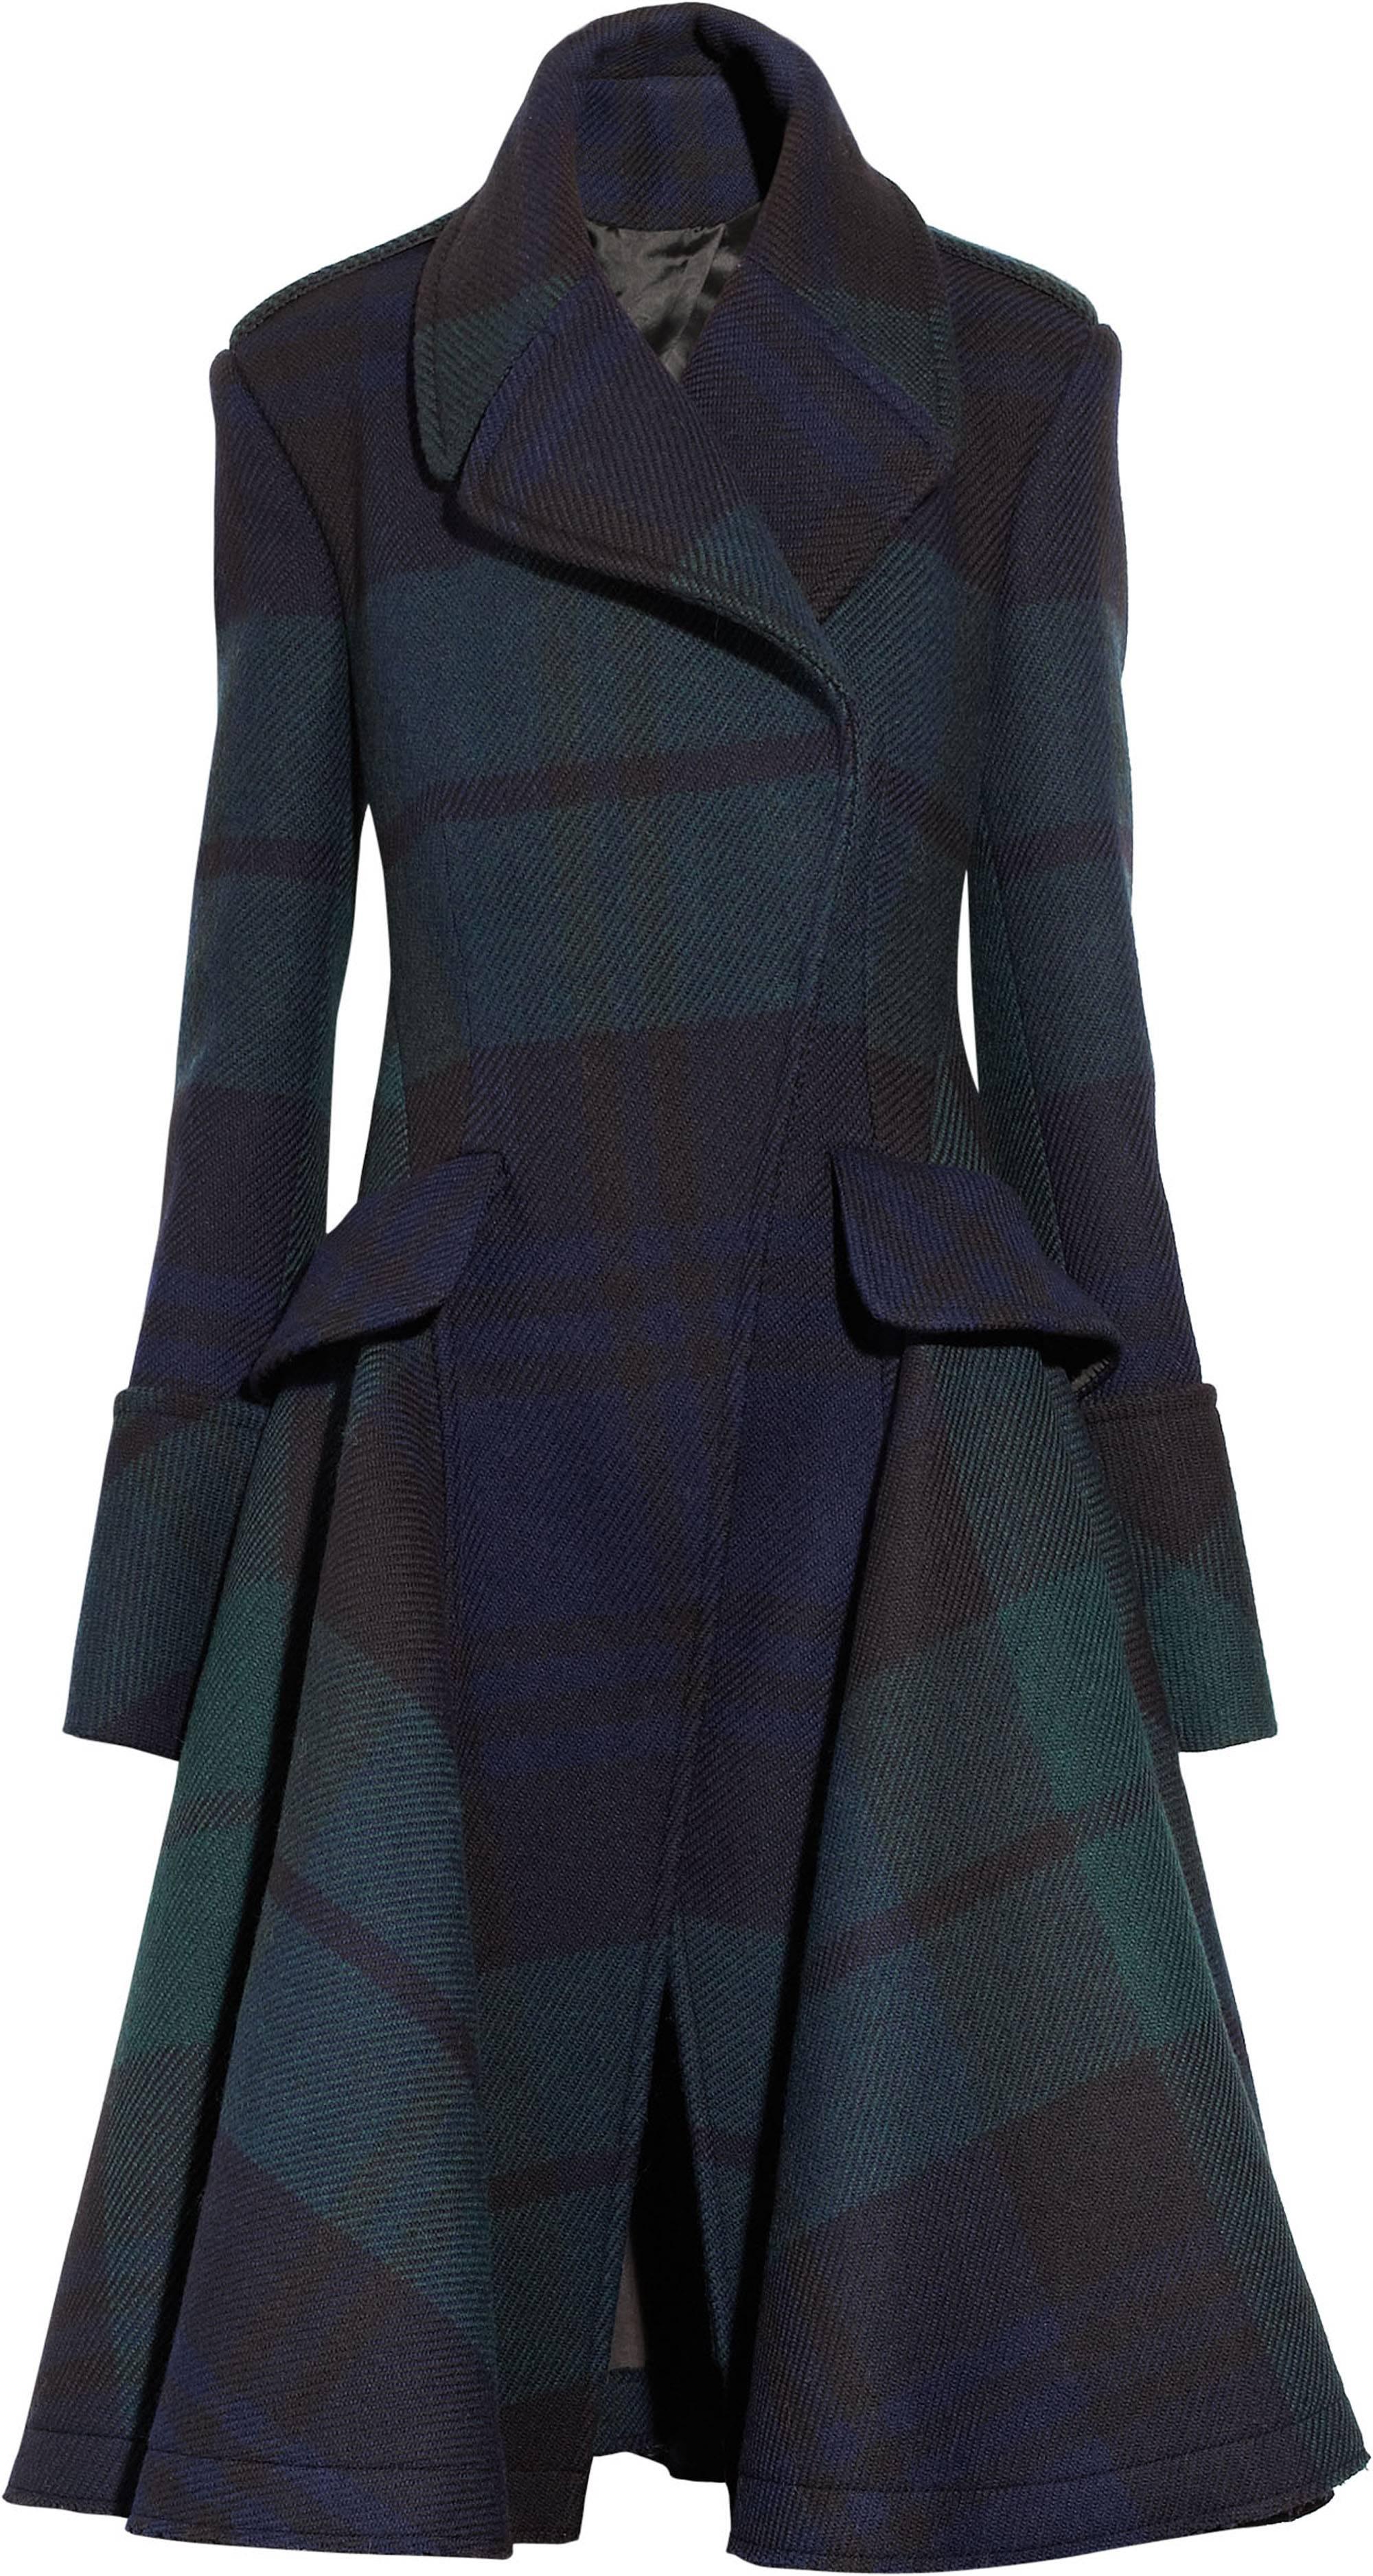 McQ Alexander McQueen Coat NET-A-PORTER